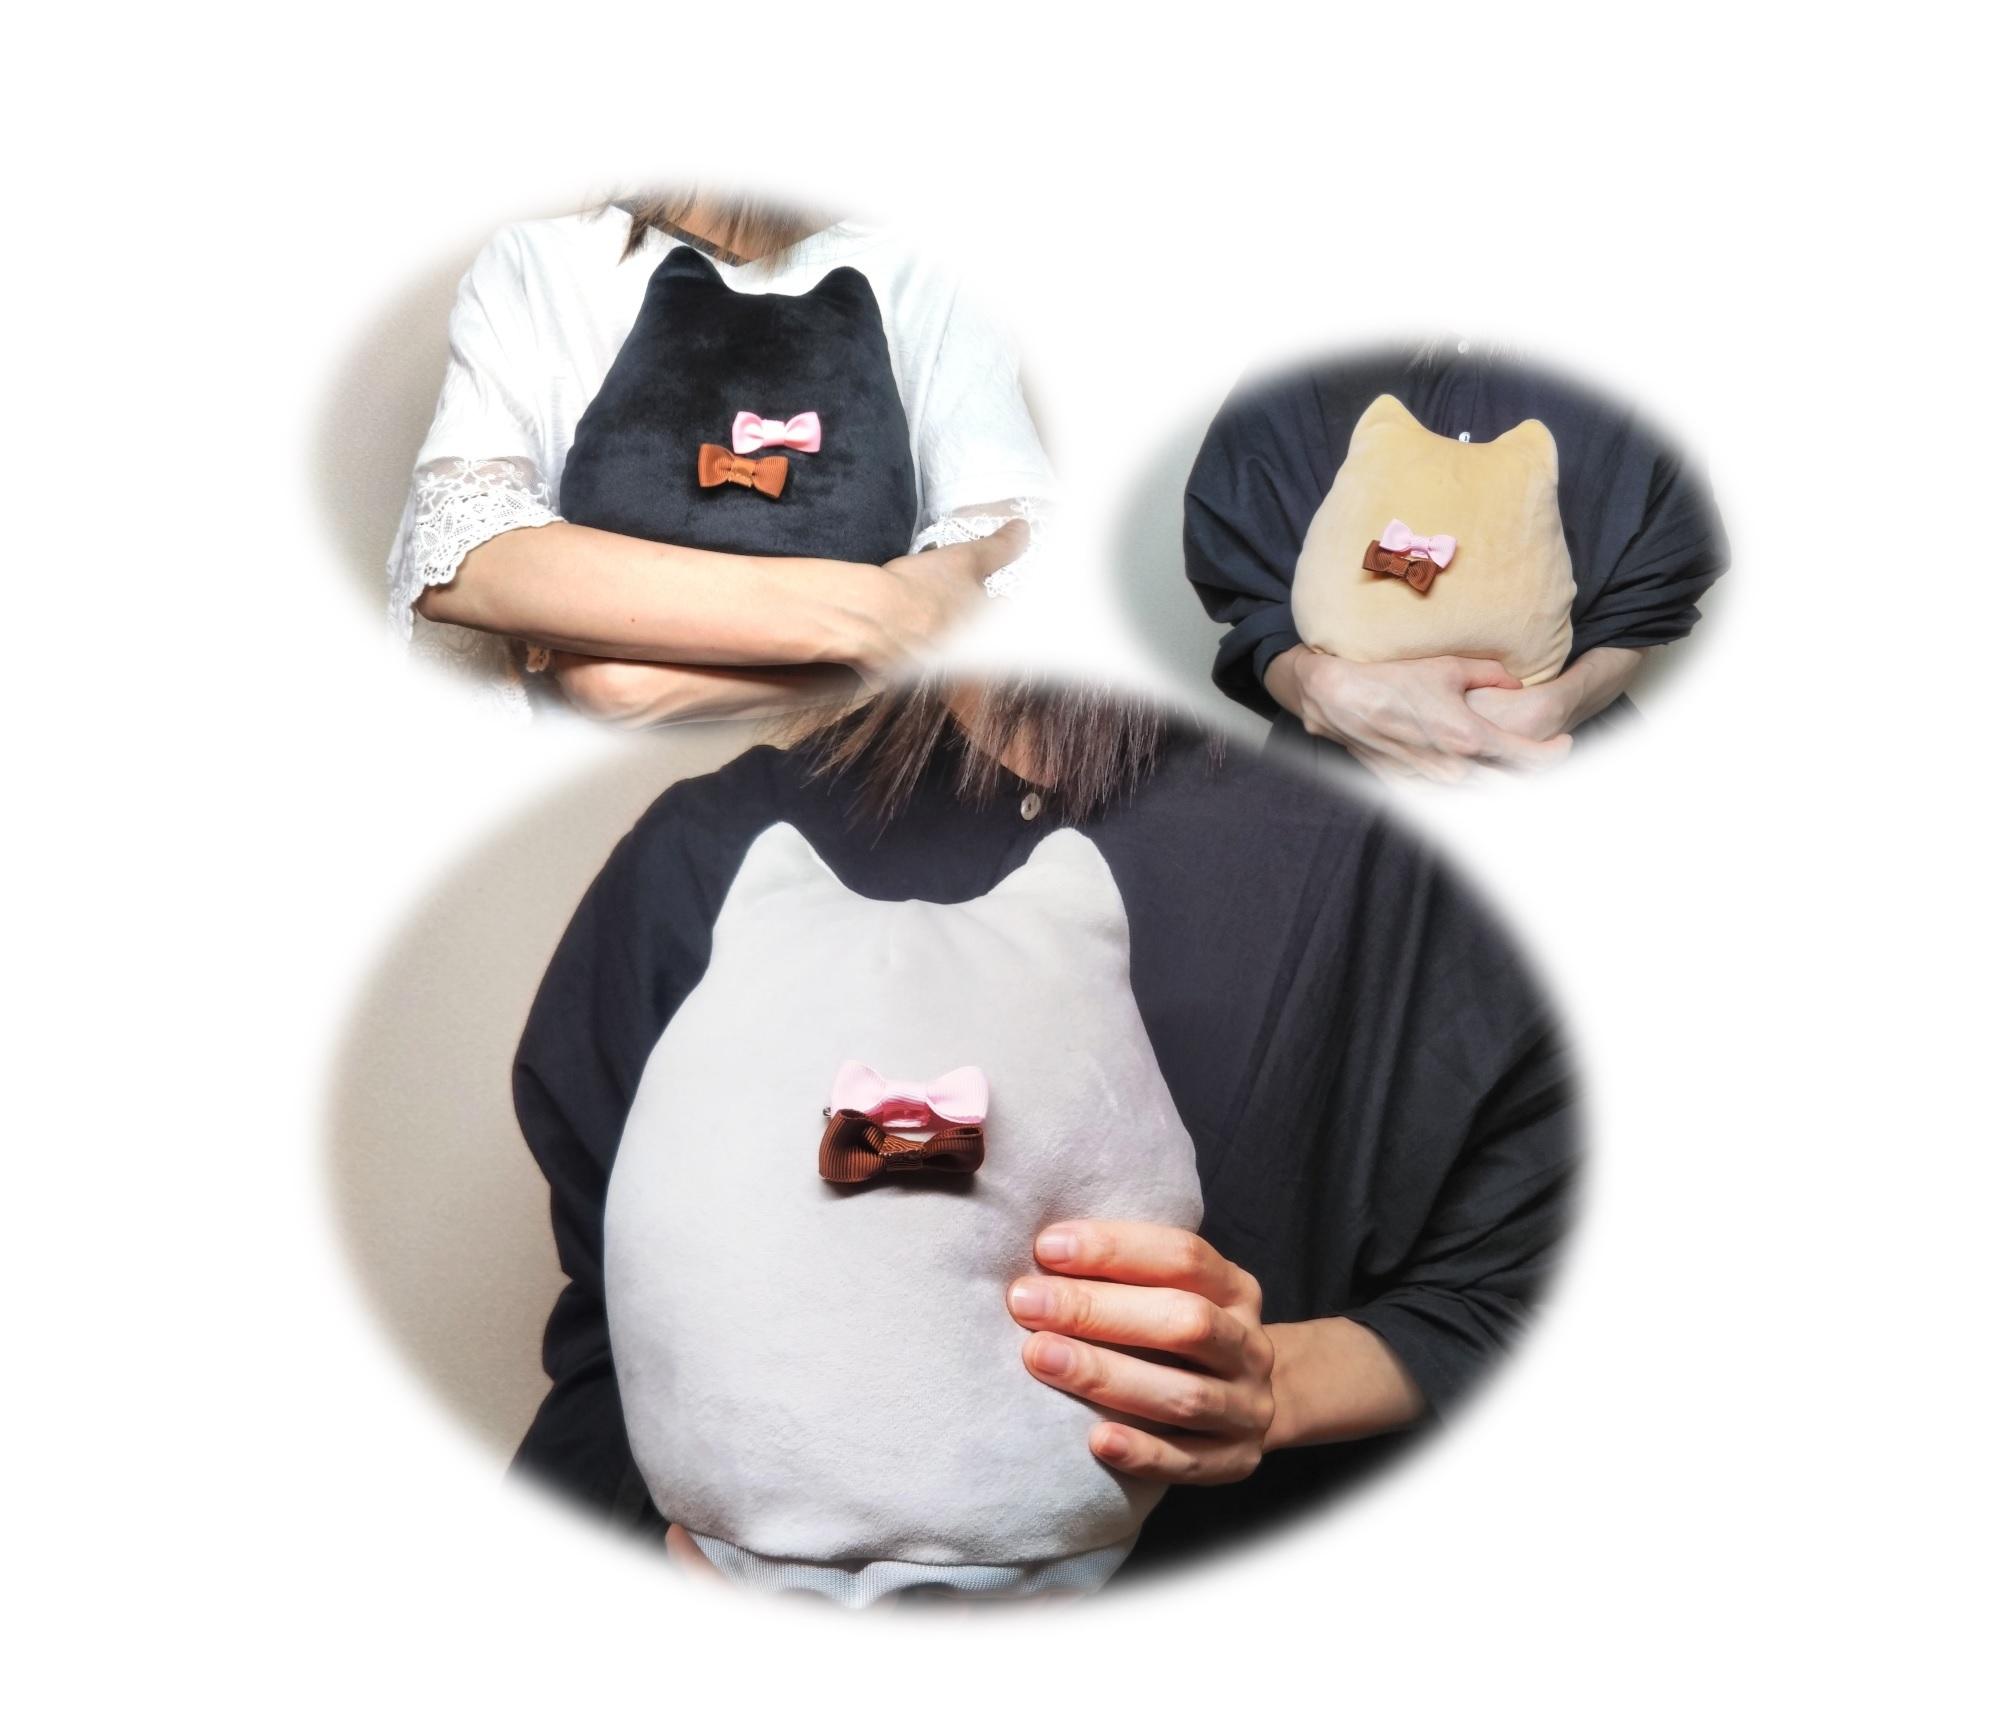 7月 マンスリーグッズスペシャル! もちもち骨壺カバー【選べる3色】 3~4寸用